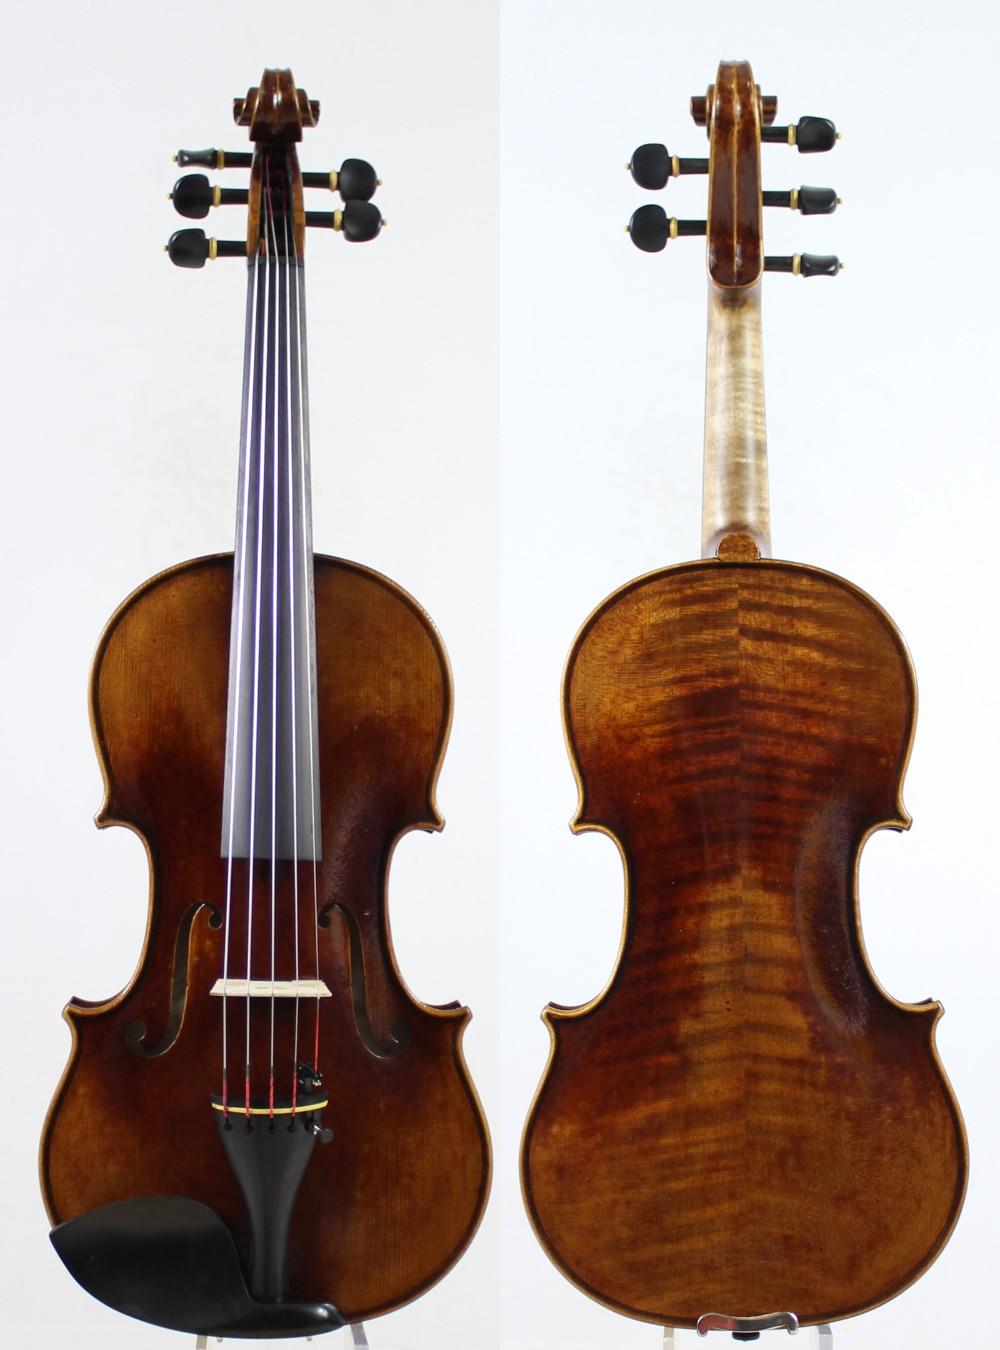 5 corde di Violino violino! Copia Stradivari 1715 Modello! Anticato olio vamish. Master Tone! Caso Bow Rosin! Spedizione Gratuita! Aubert Ponte!